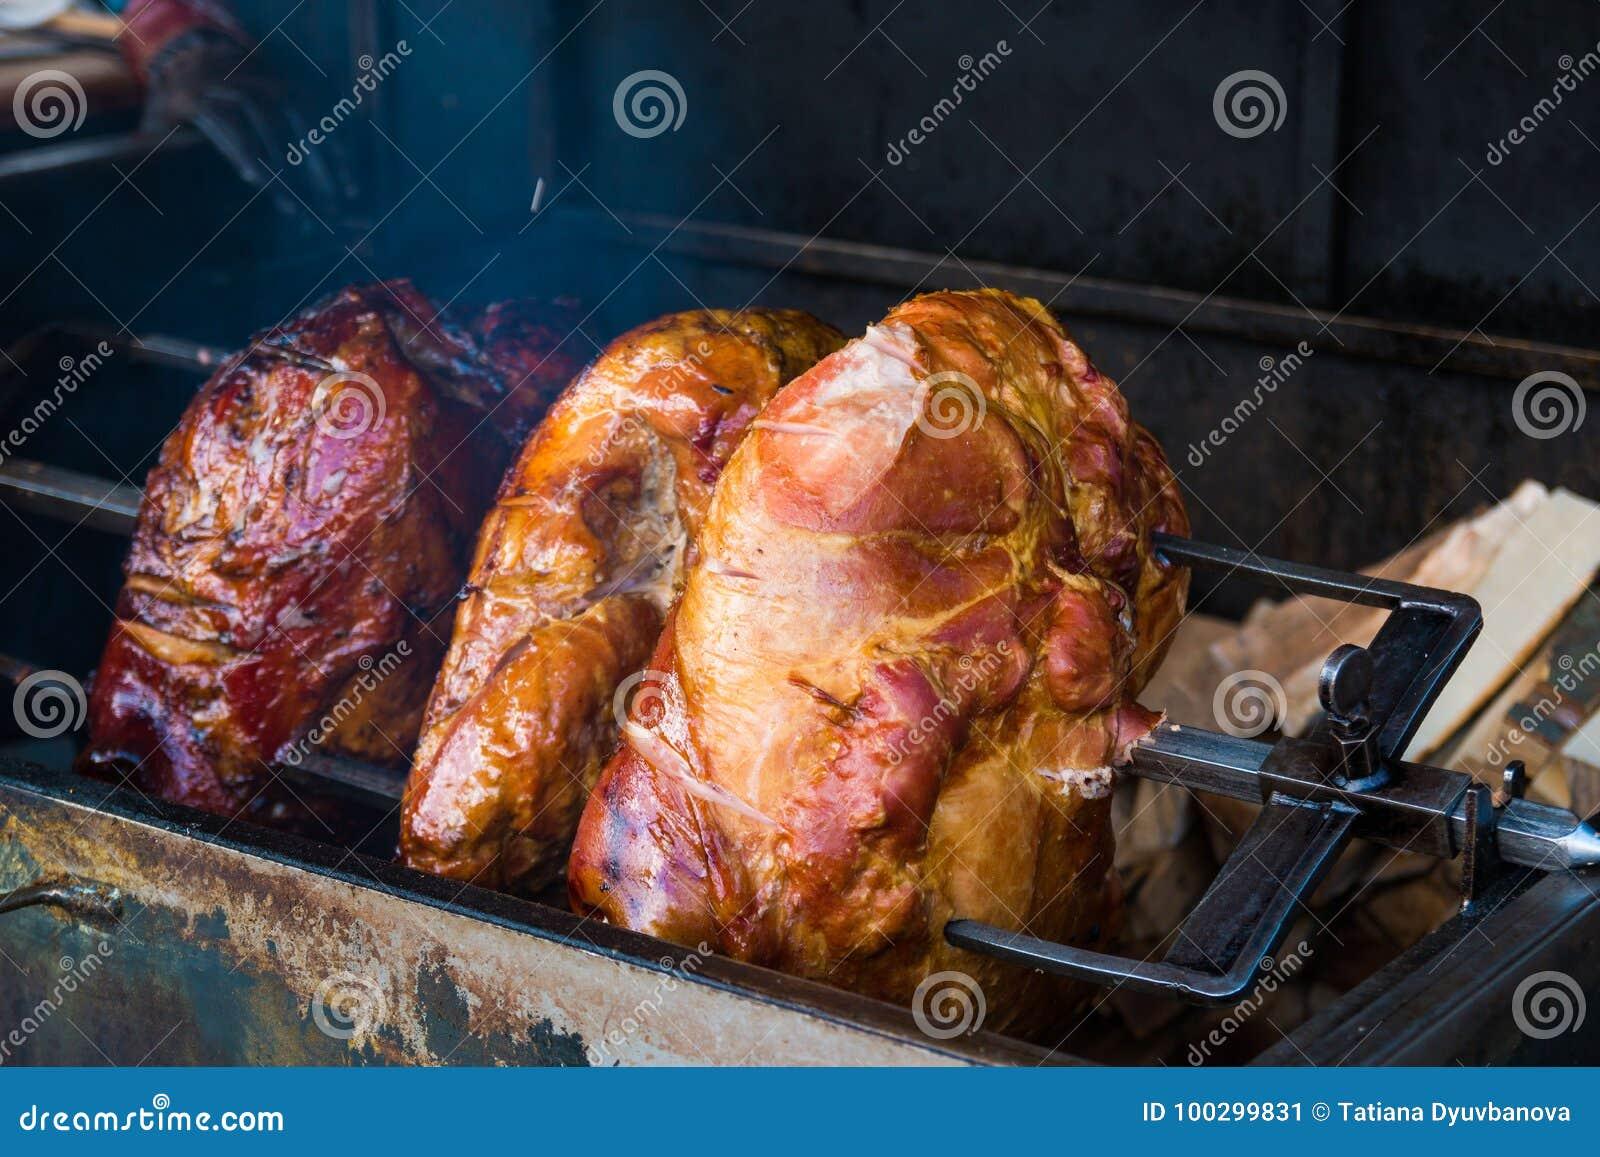 Schweinefleischschinkenfleisch wird auf dem offenen Feuer auf Straße von Prag, Tschechische Republik gebraten